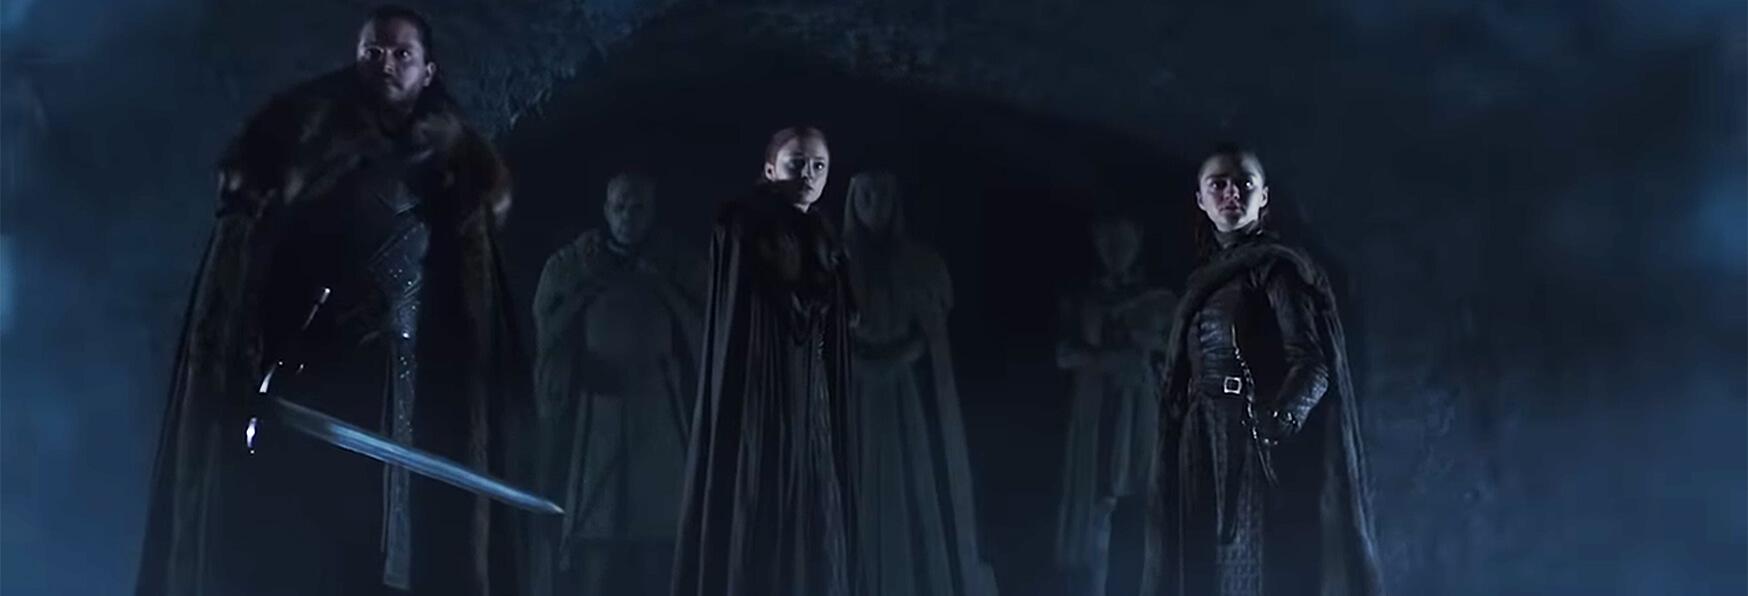 Game of Thrones 8 arriva il 14 aprile, rilasciato il Teaser